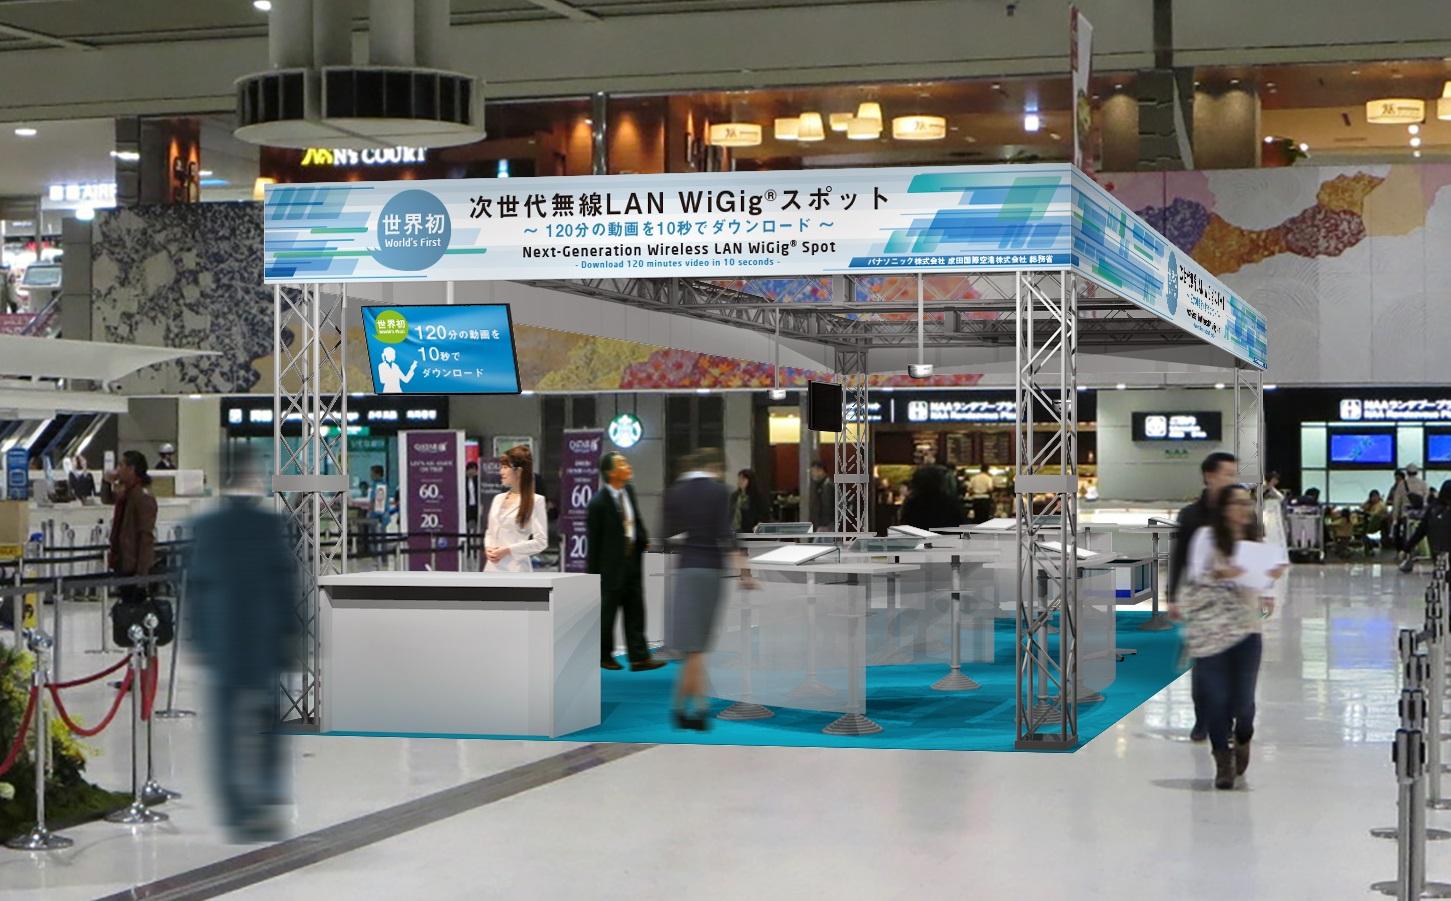 成田空港に設置されるWiGig(R)スポット(イメージ)